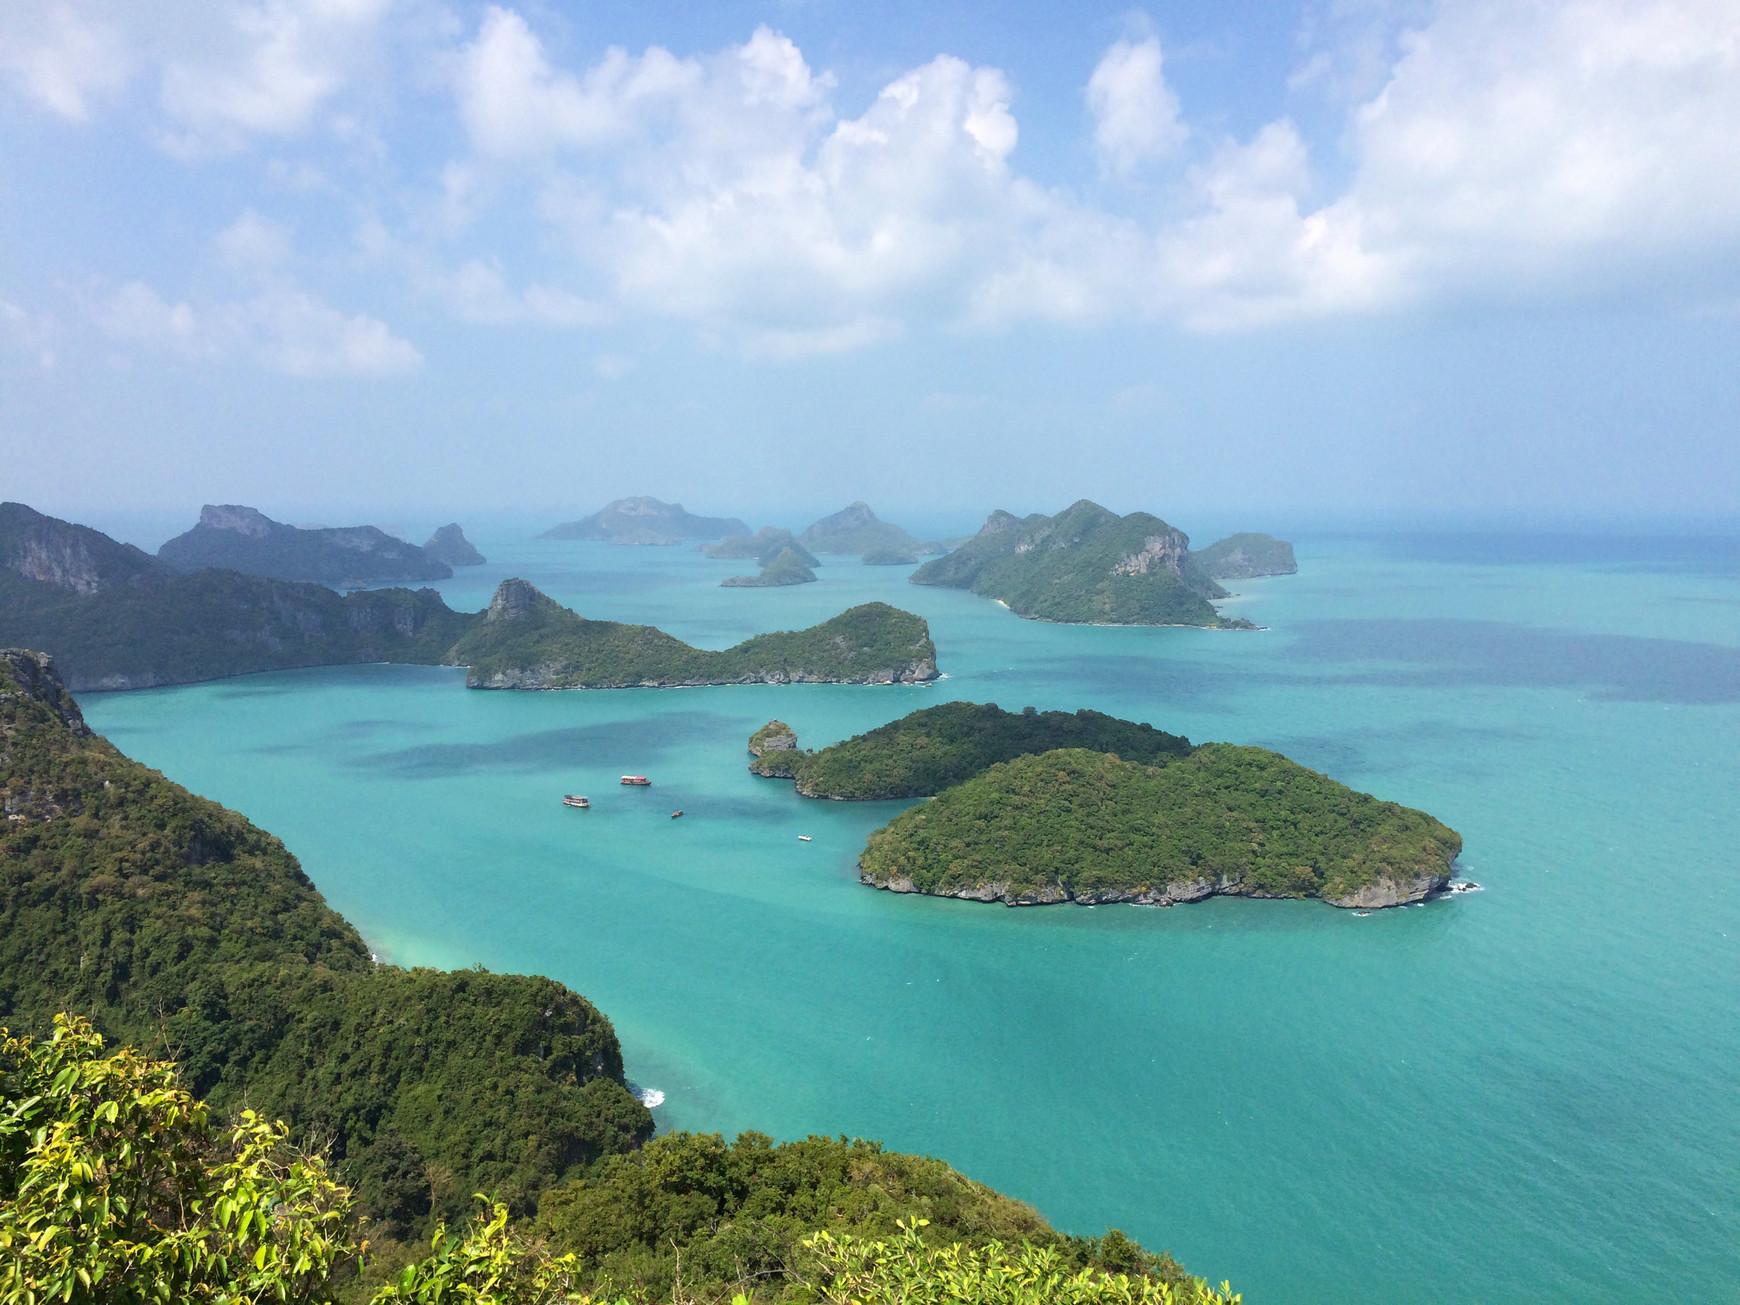 Достопримечательности тайланда фото